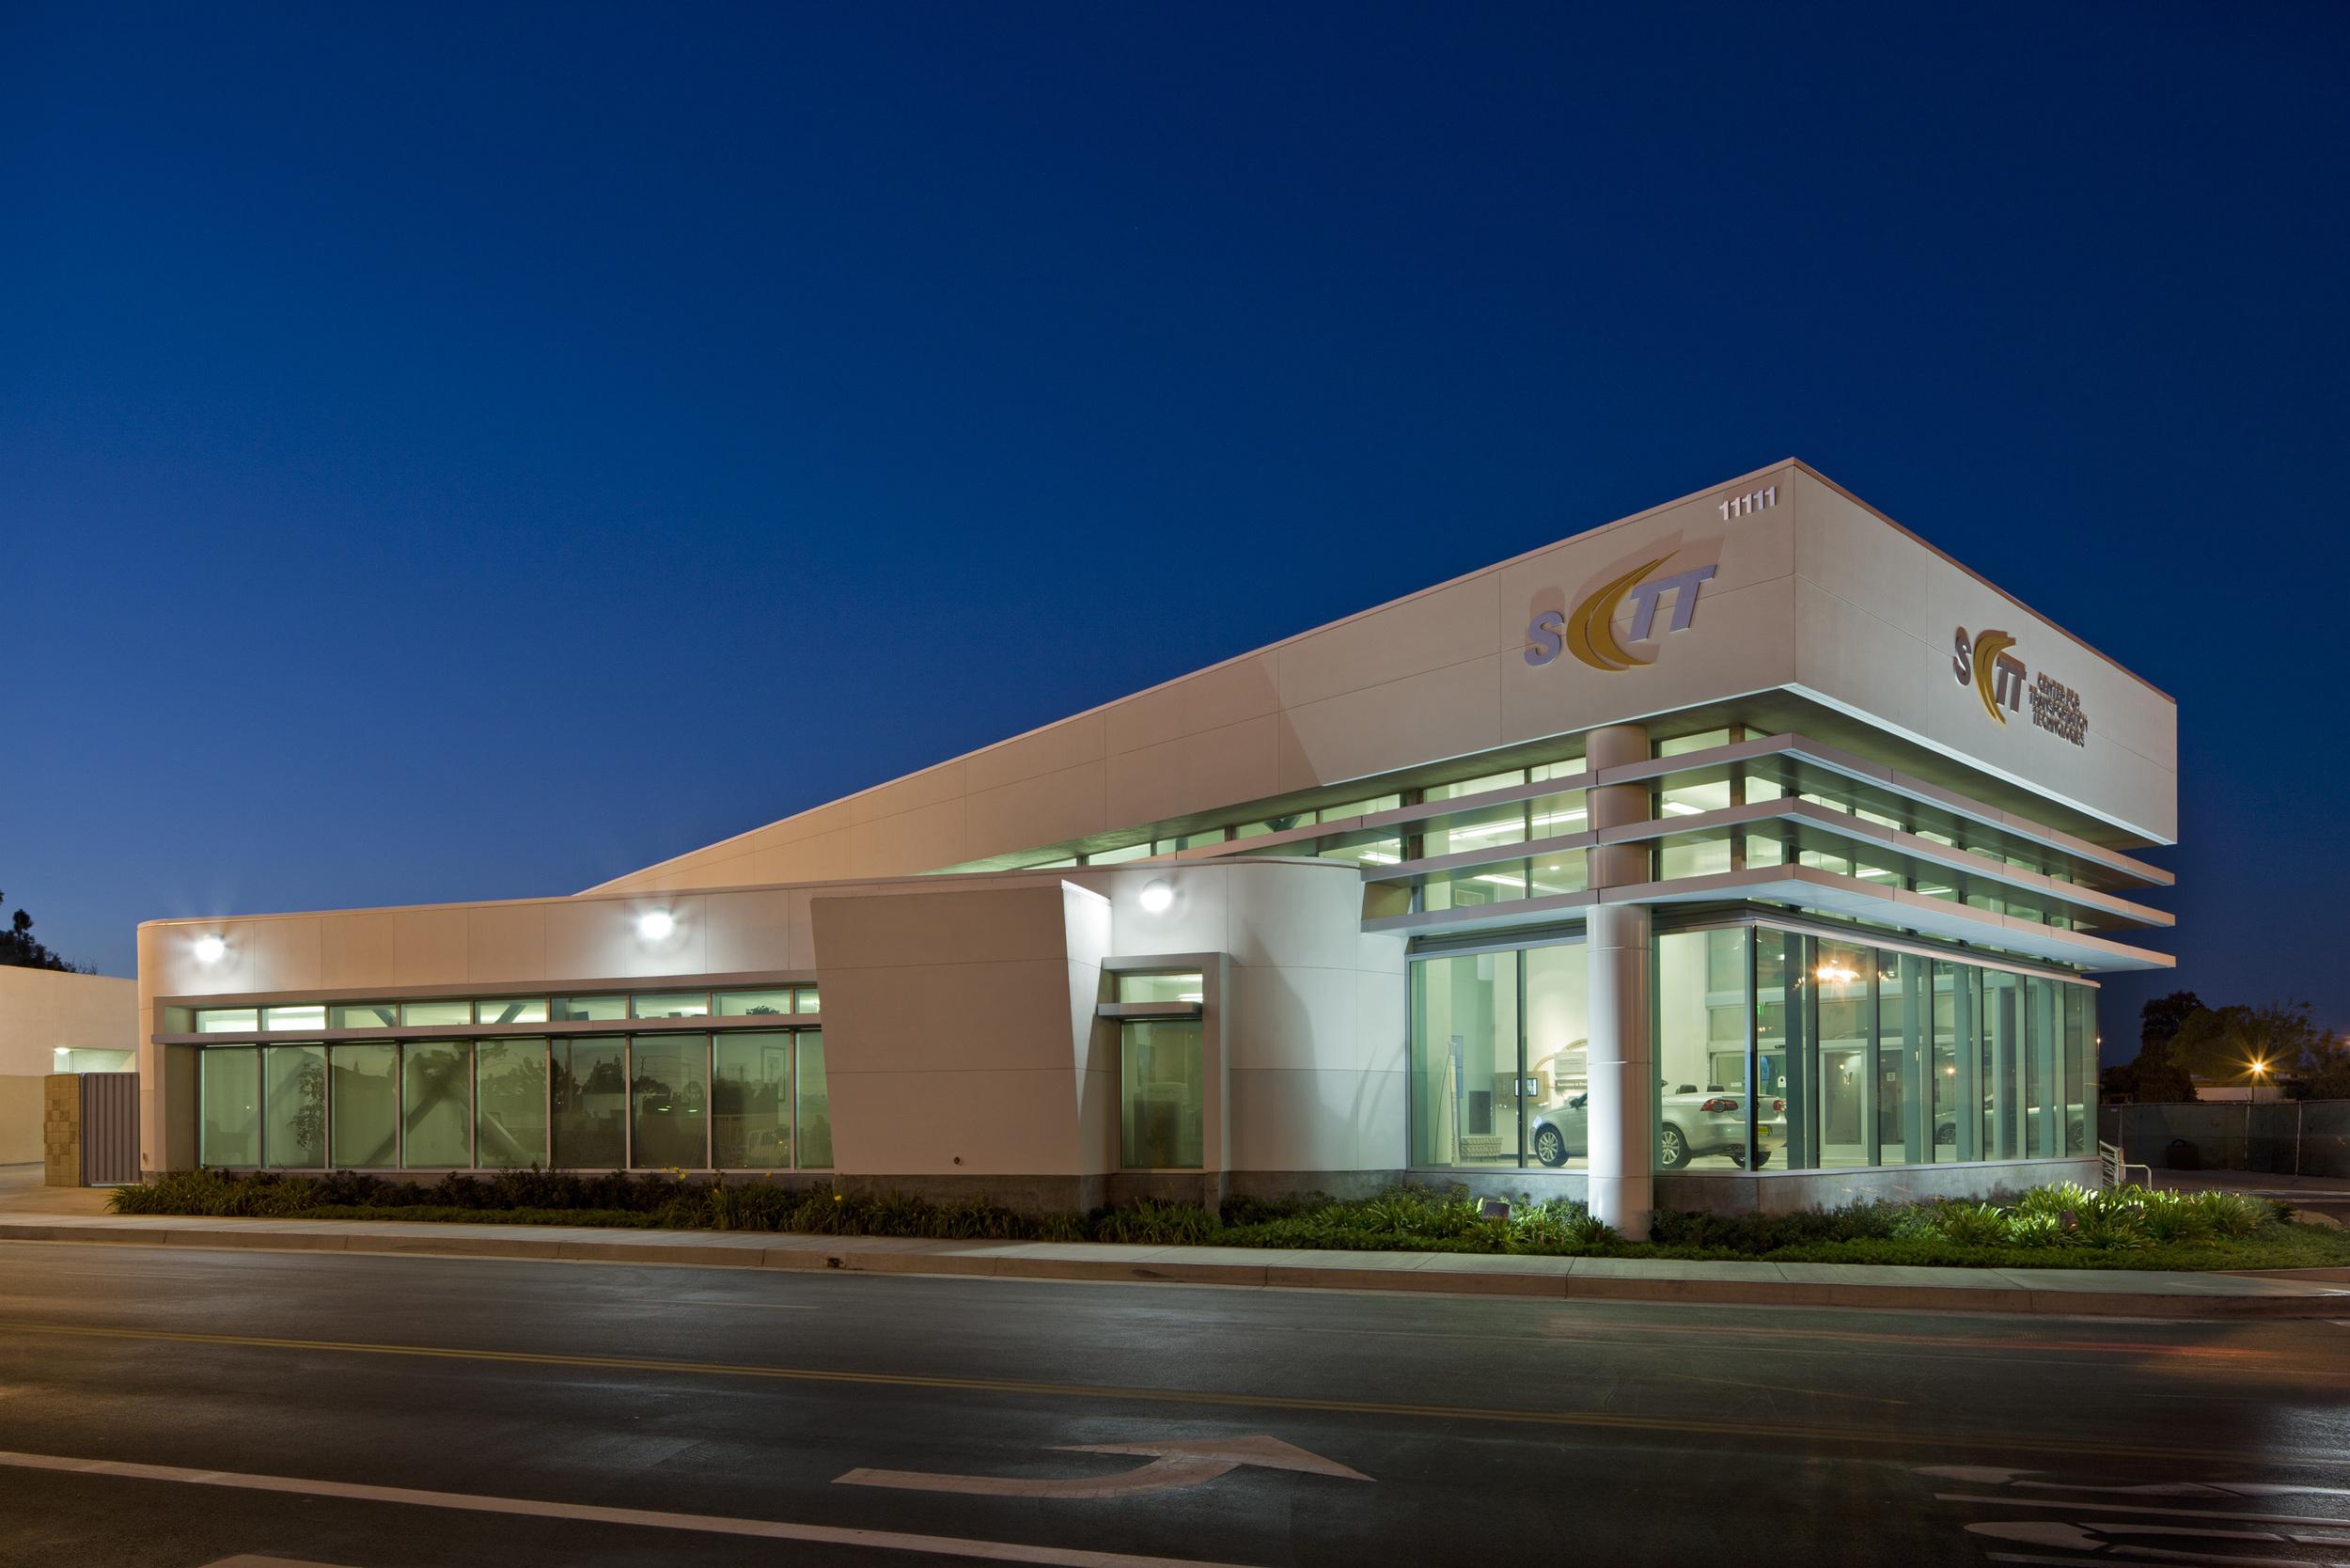 Cerritos College Auto Showroom Exterior